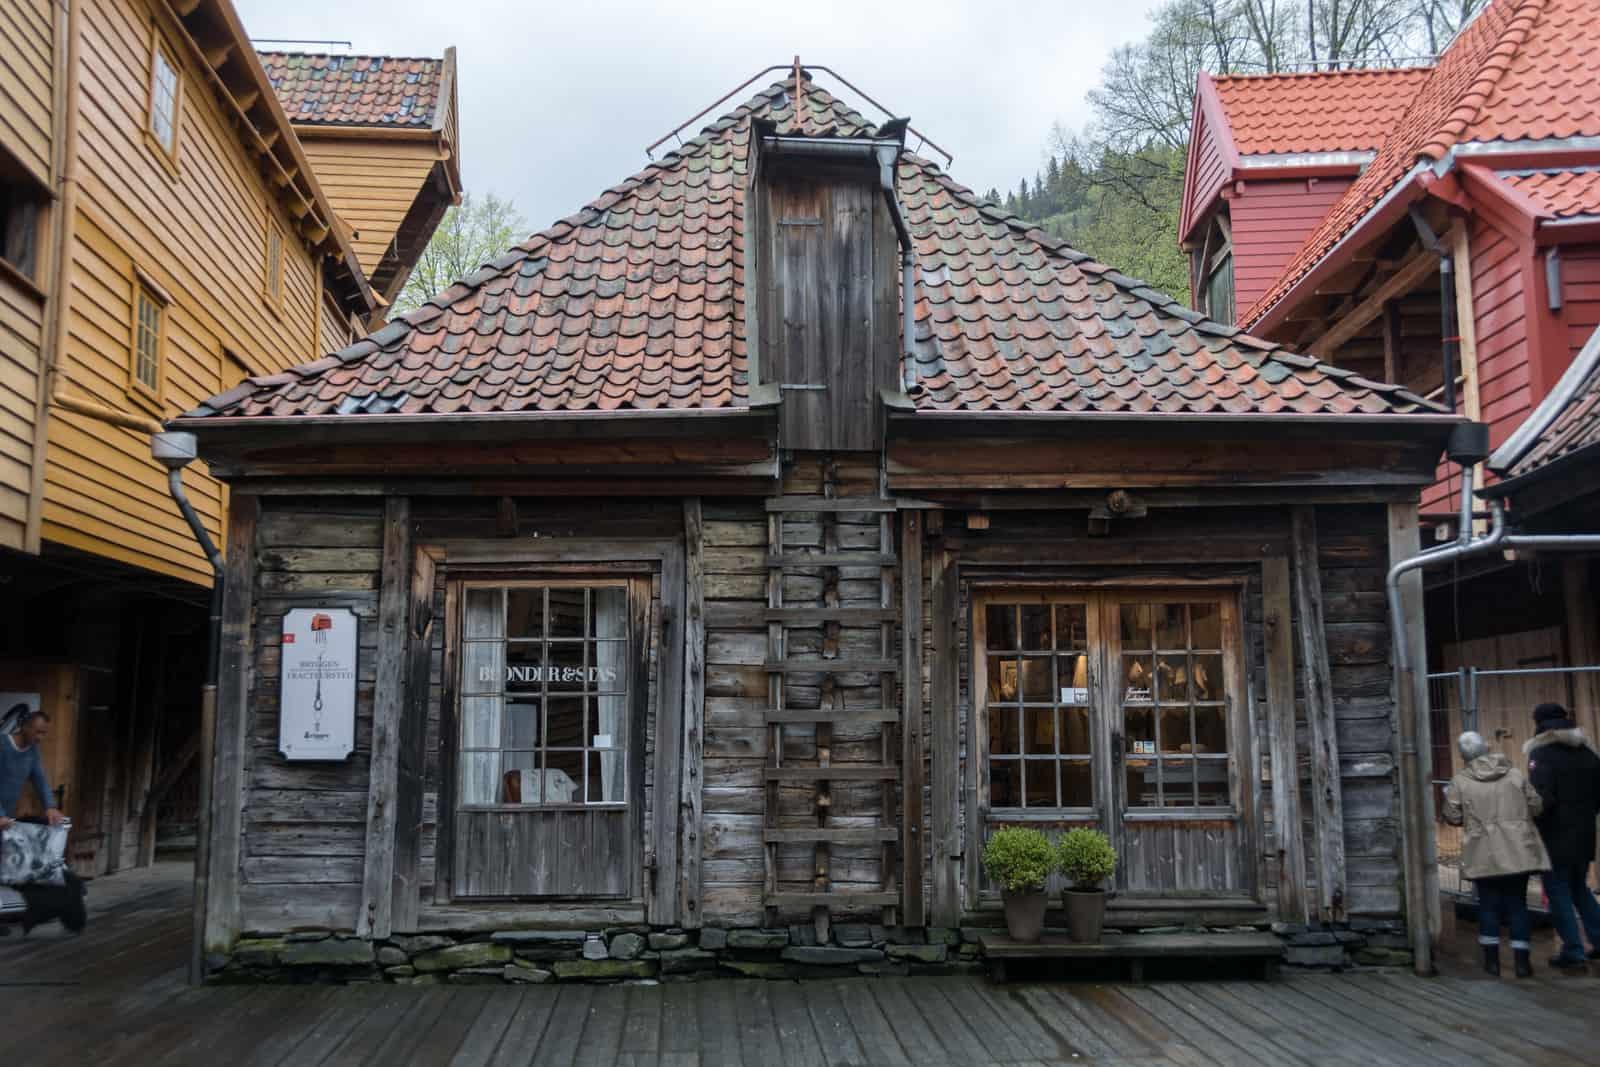 Bergen sightseeing